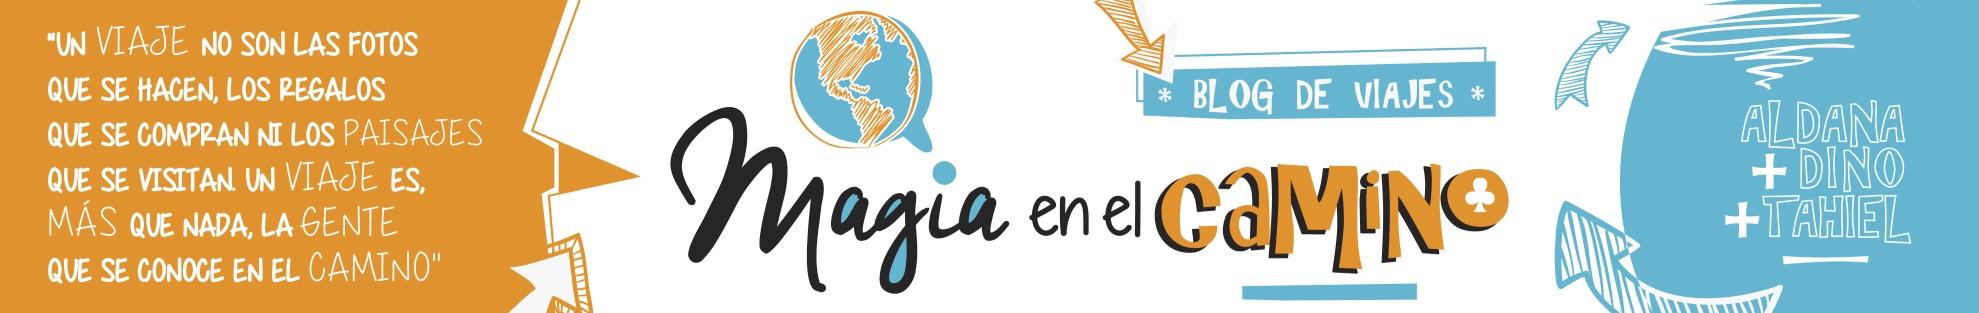 Magia en el Camino | Blog de Viajes en familia